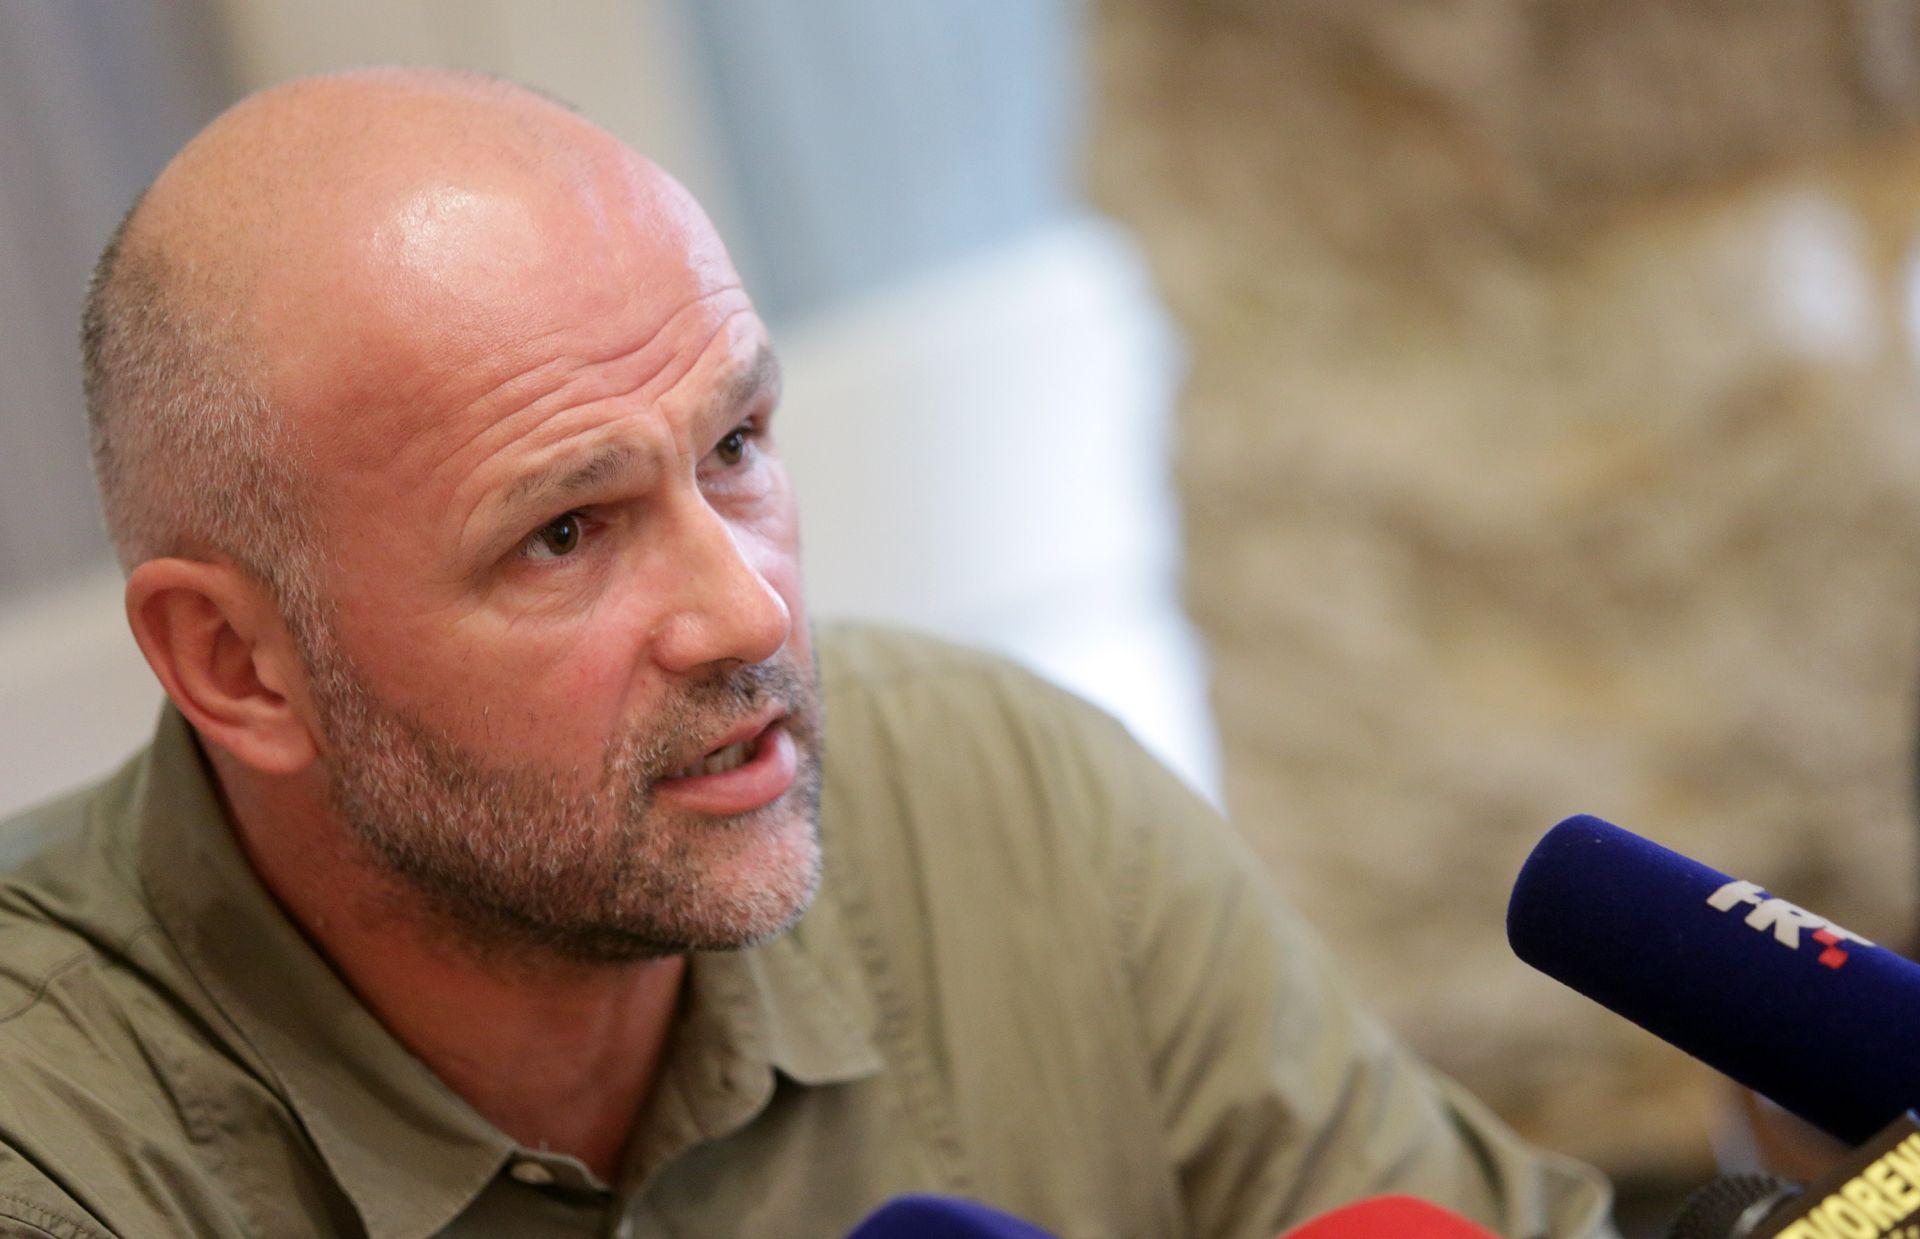 ZLOČIN IZ MRŽNJE: Podignuta optužnica zbog prijetnji predsjedniku HND-a